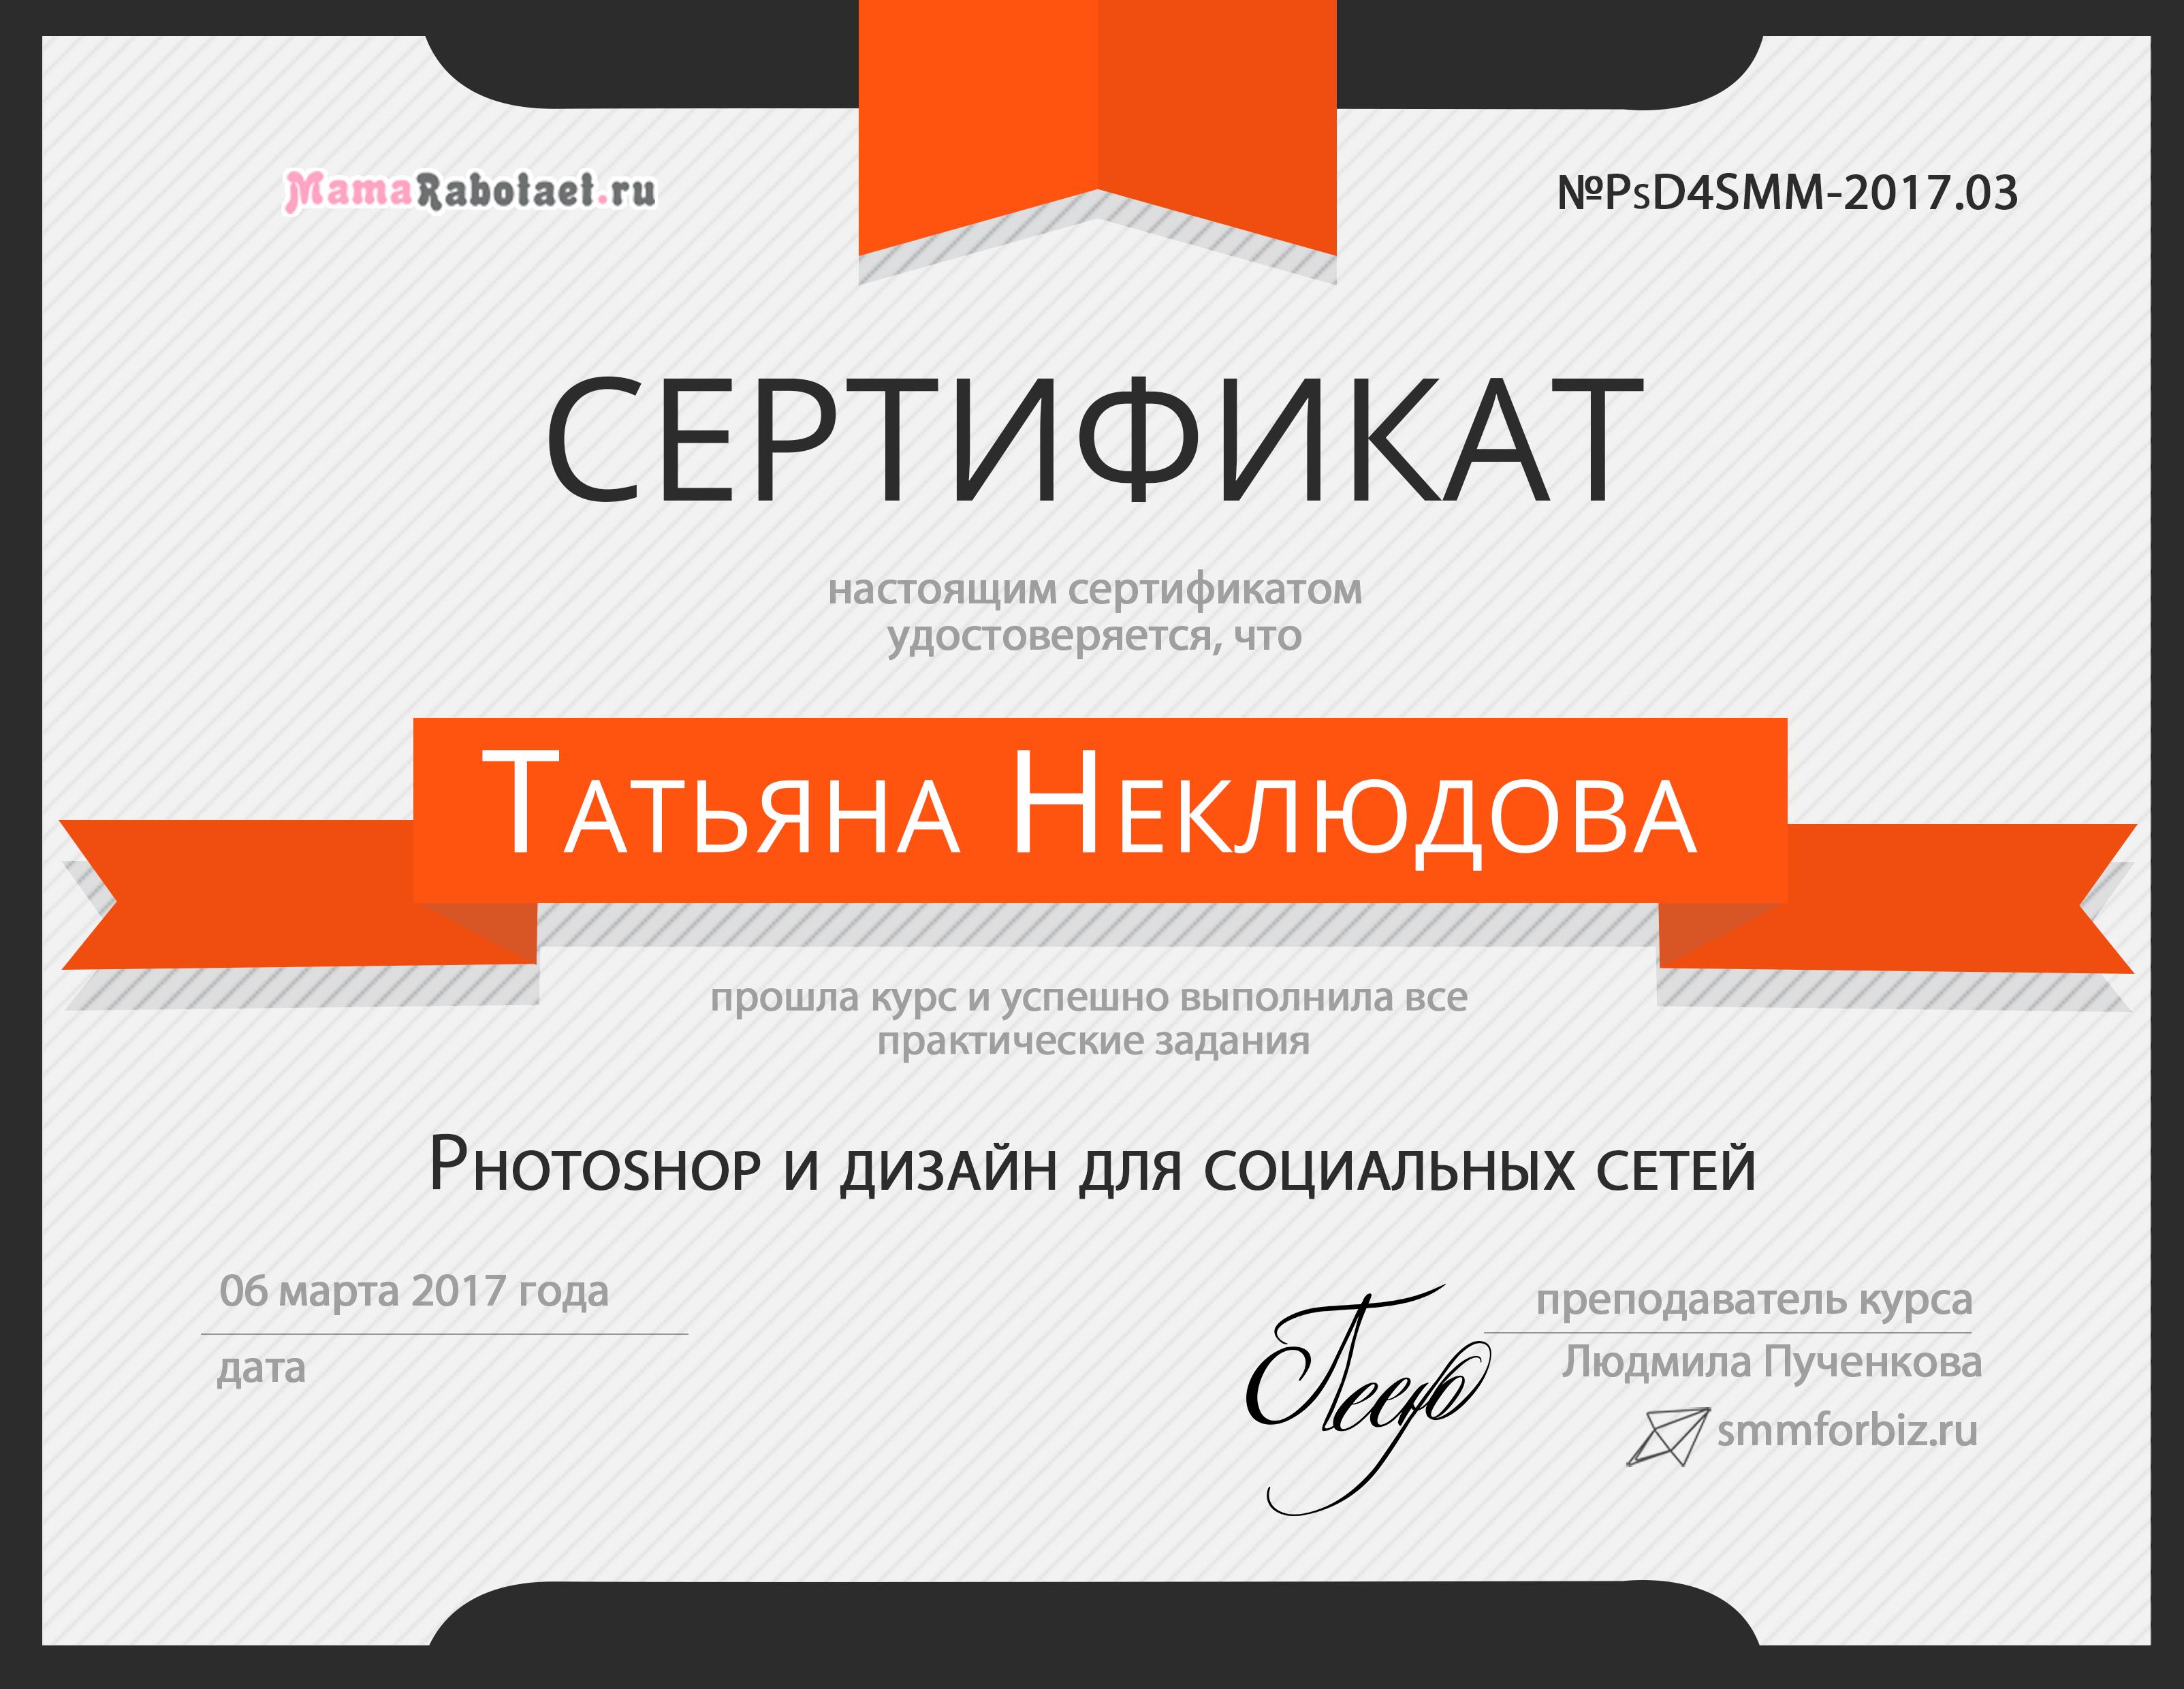 Открыть сертификат в полном размере 1c38793c146